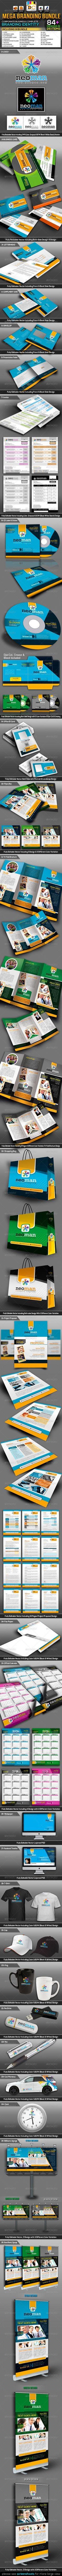 NeoMan Corporate Business ID Mega Branding Bundle Folleto Corporativo Identidad Corporativa Dise±o De Folletos